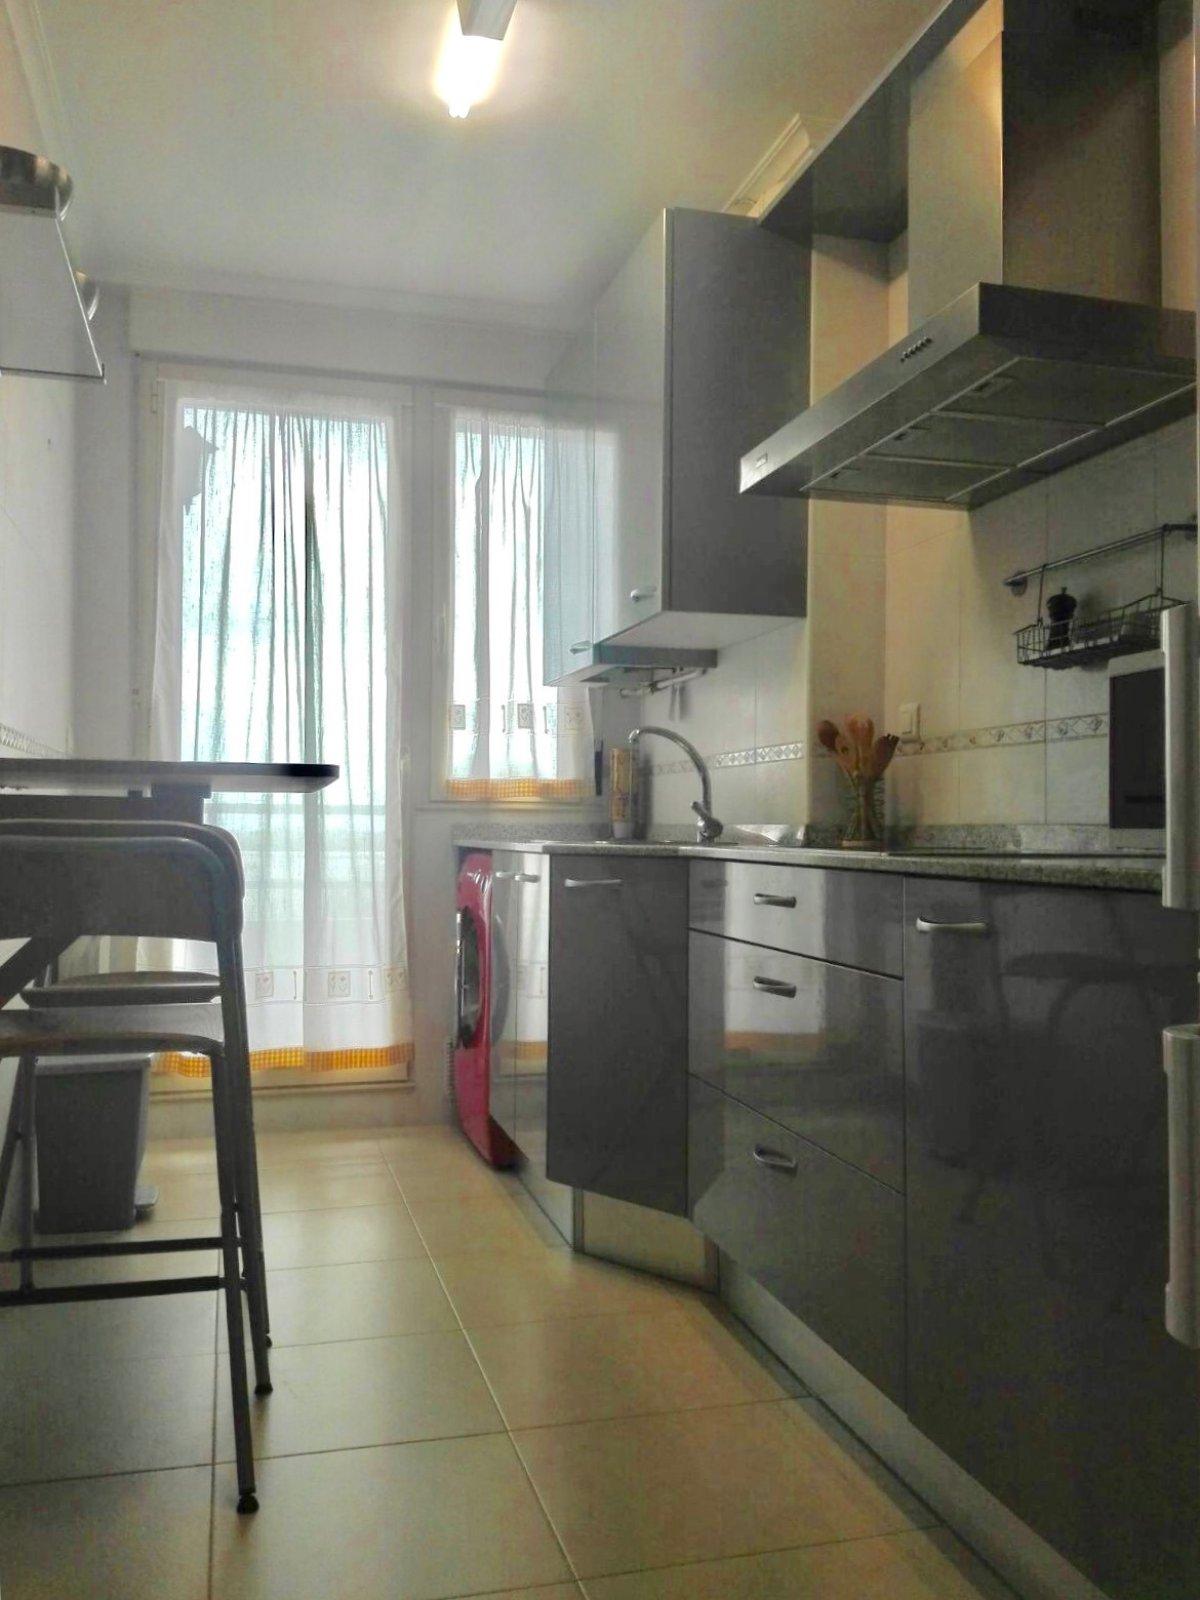 Apartamento, Urb. la atalaya, Alquiler/Asignación - Cantabria (Cantabria)